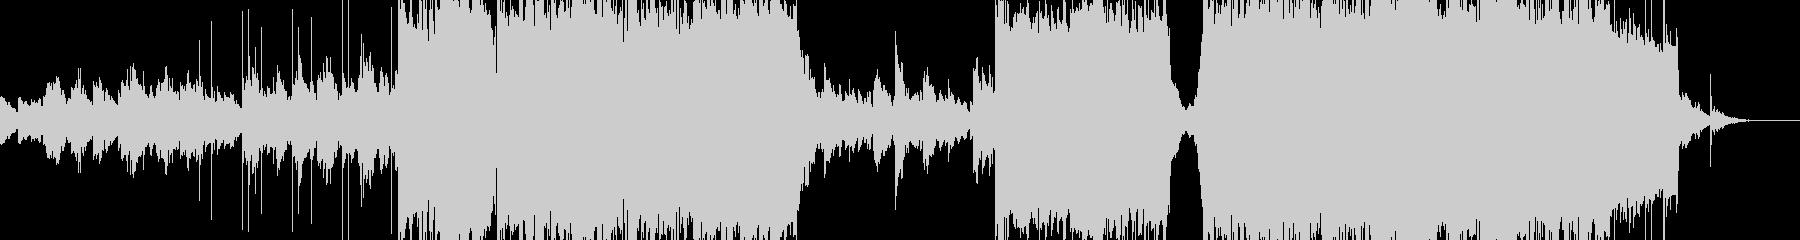 三味線とピアノの織り成す和楽と洋楽の融合の未再生の波形